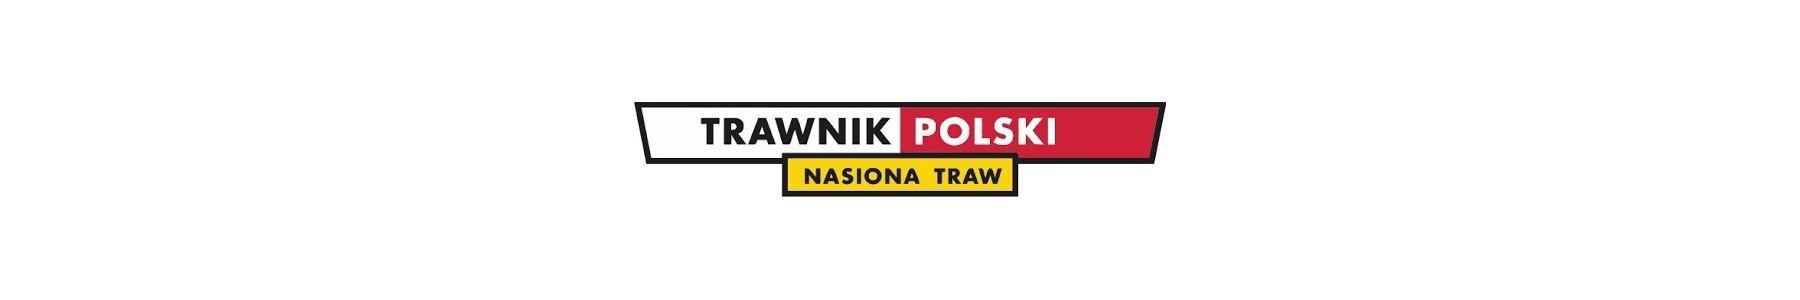 Dekoracyjne nasiona traw - Trawnik Polski